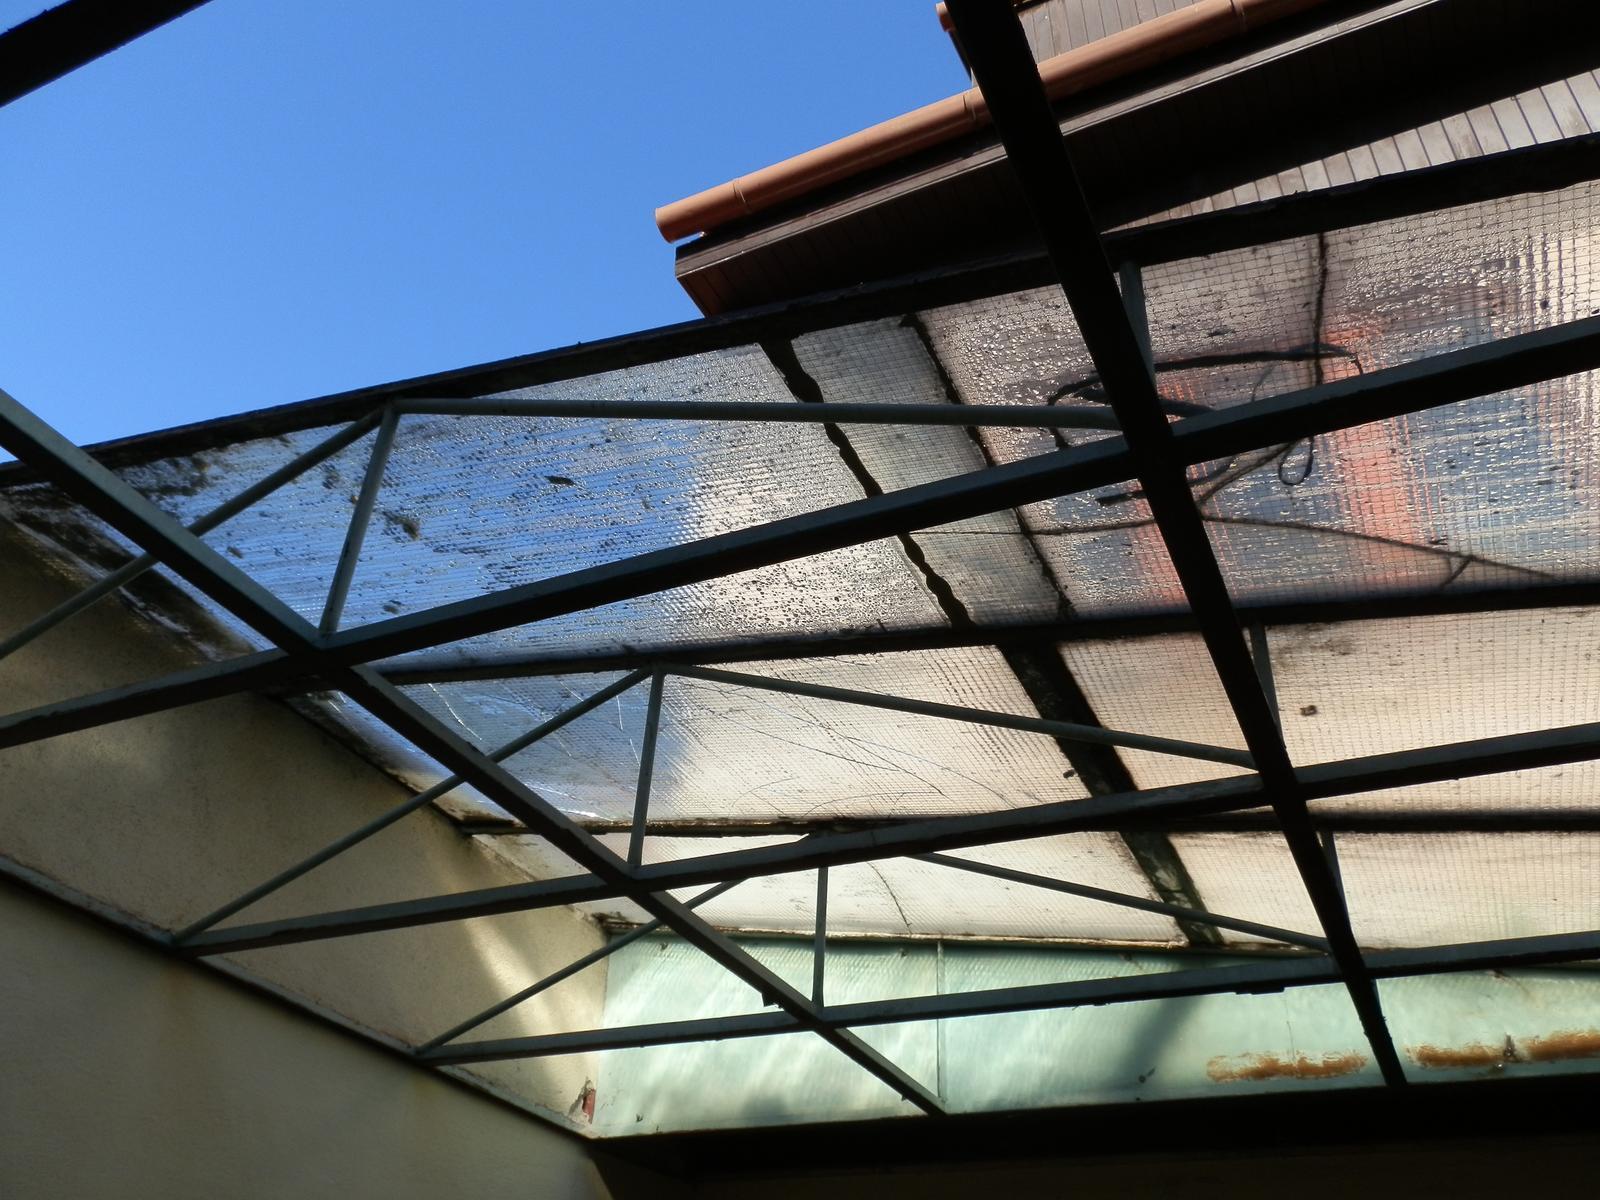 Náš byt v domě- rekonstrukce - Obrázek č. 35